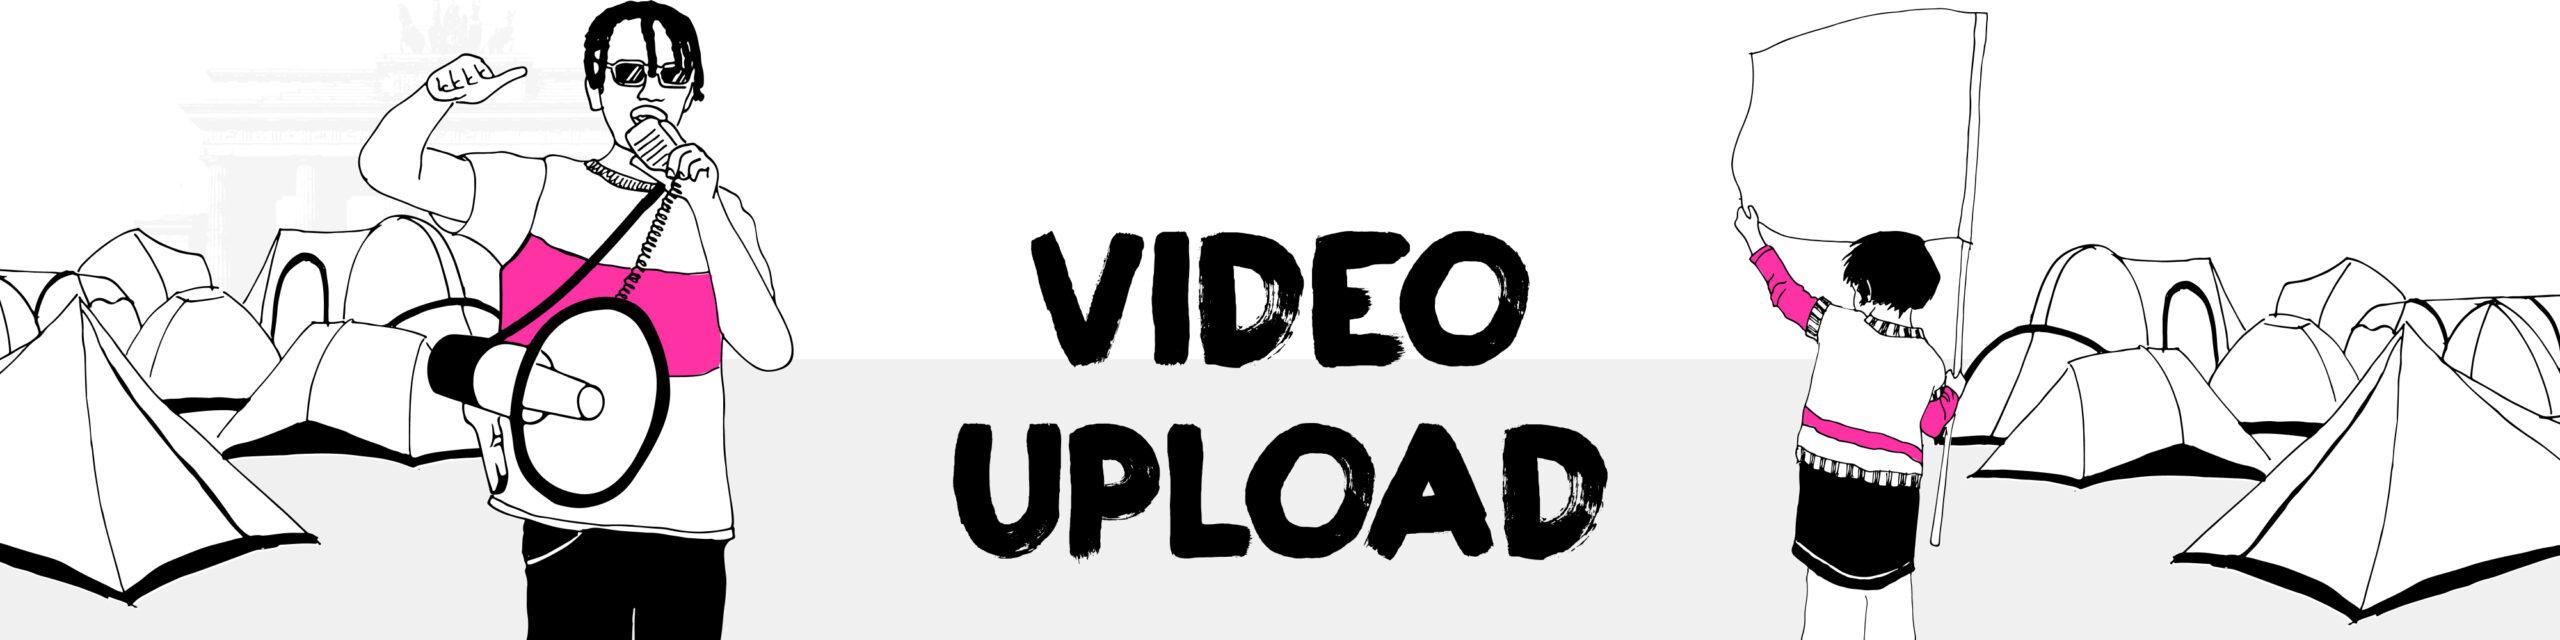 media-videoupload-header